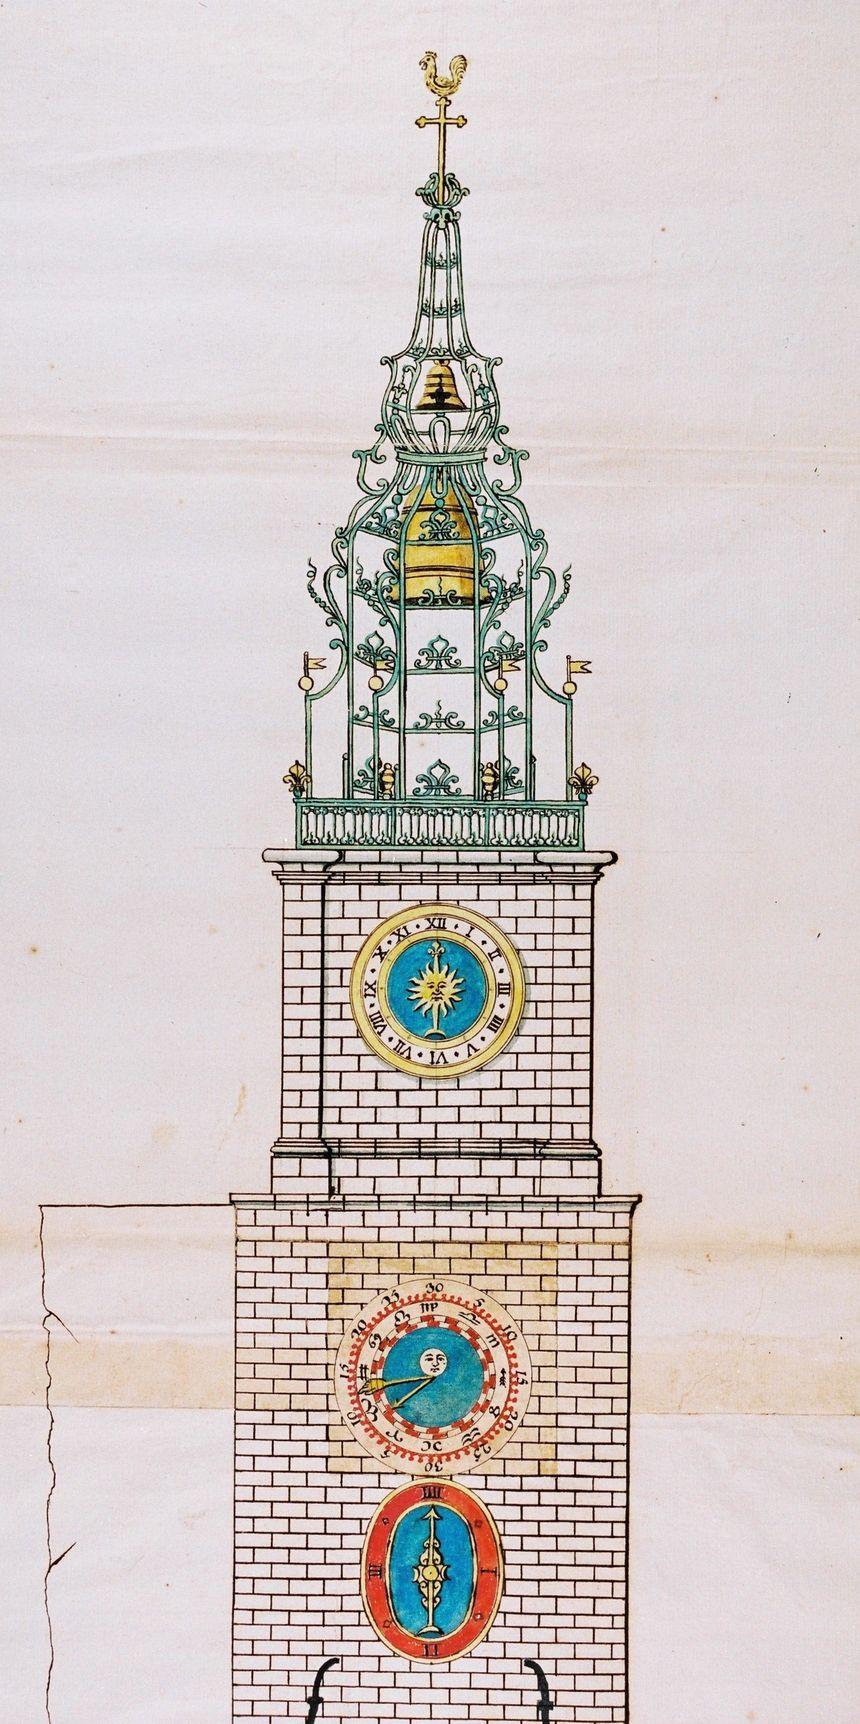 Le soleil servait d'élément de décoration à l'horloge principale